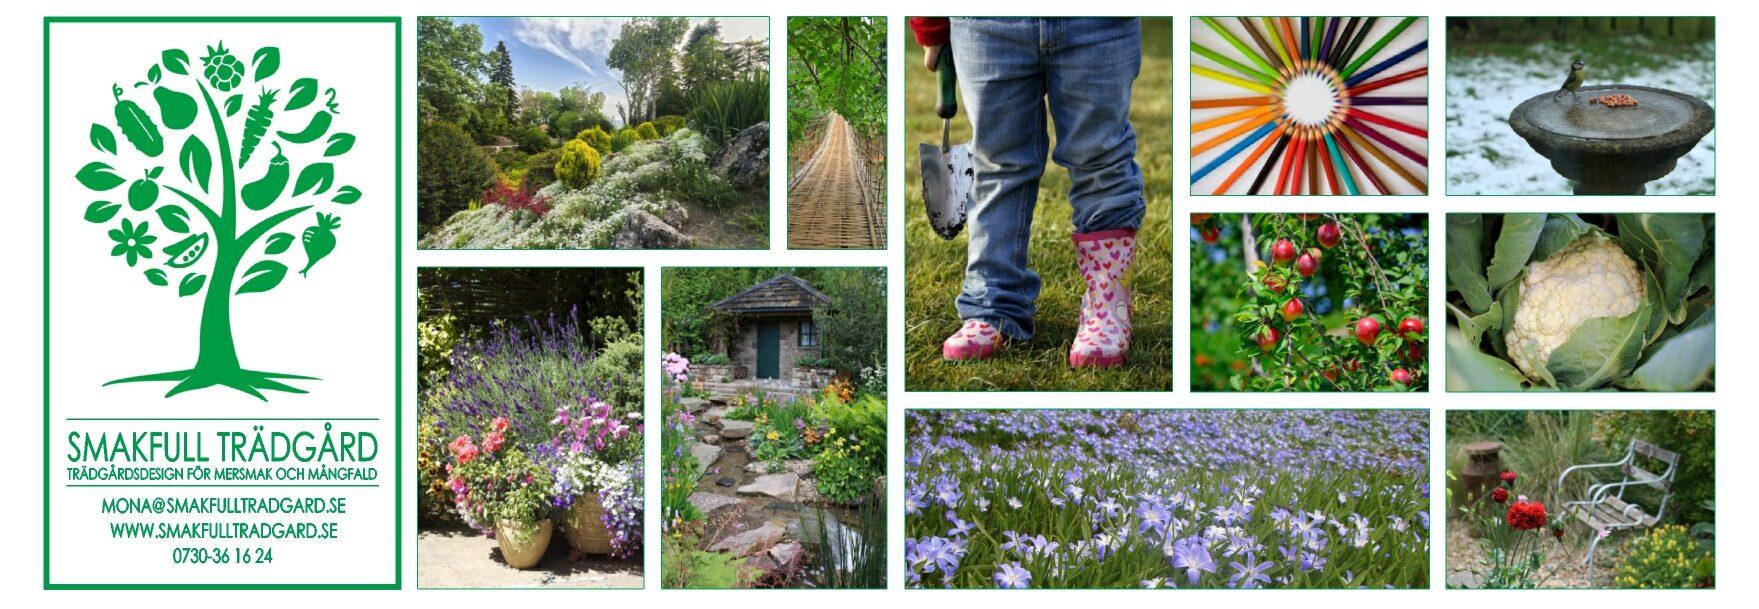 Smakfull trädgård